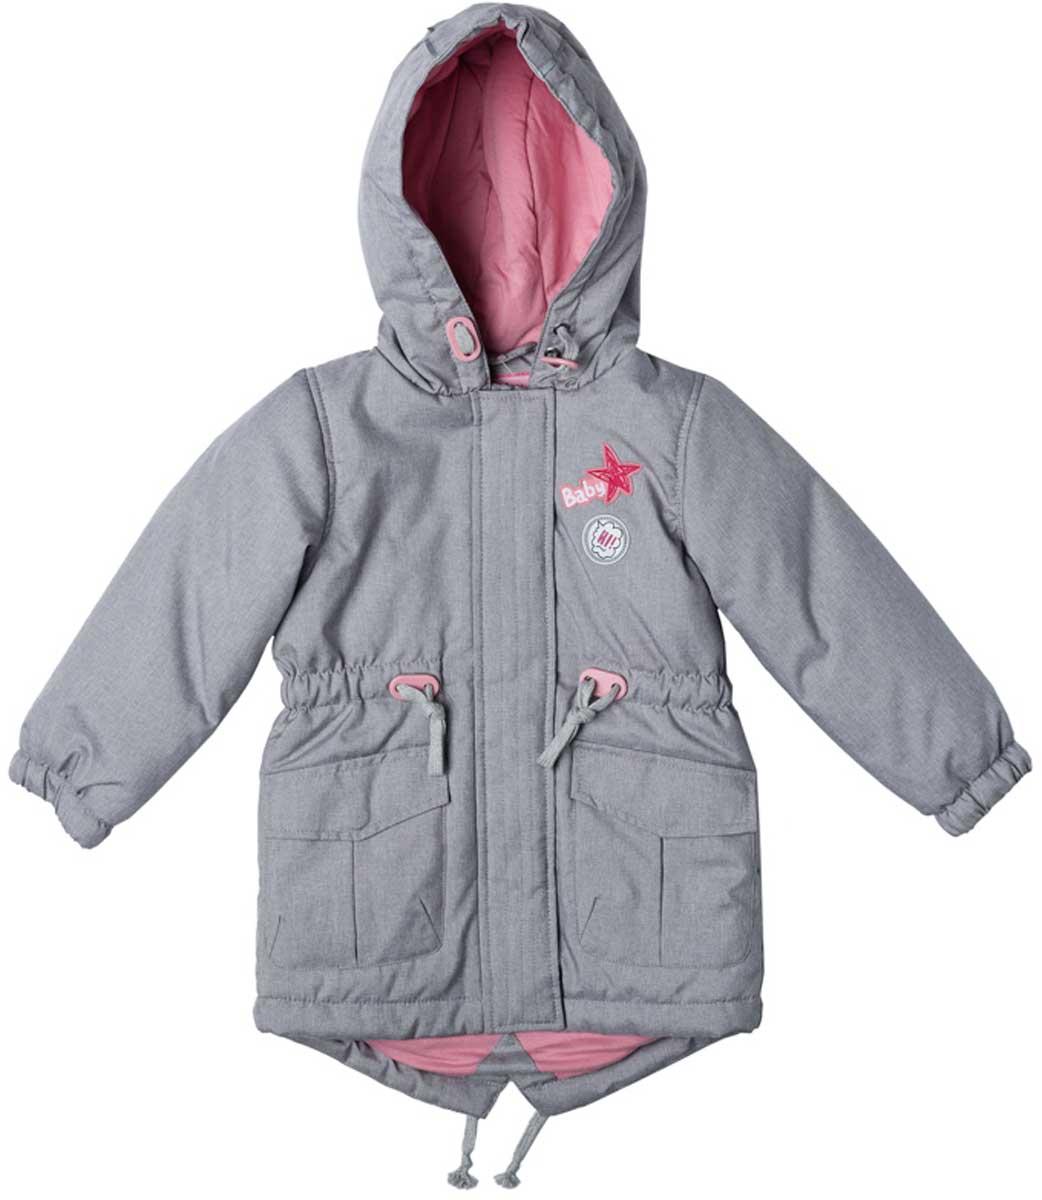 Куртка для девочки PlayToday, цвет: серый, светло-розовый. 178003. Размер 74178003Практичная утепленная куртка с капюшоном со специальной водоотталкивающей пропиткой защитит вашего ребенка в любую погоду! Мягкие трикотажные резинки на рукавах защитят вашего ребенка - ветер не сможет проникнуть под куртку. Специальный карман для фиксации застежки-молнии не позволит застежке травмировать нежную детскую кожу. Мягкая резинка на капюшоне не позволит ему упасть с головы вашего ребенка даже во время активных игр. Для дополнительного сохранения тепла модель снабжена шнурами - кулисками на поясе и по низу изделия.